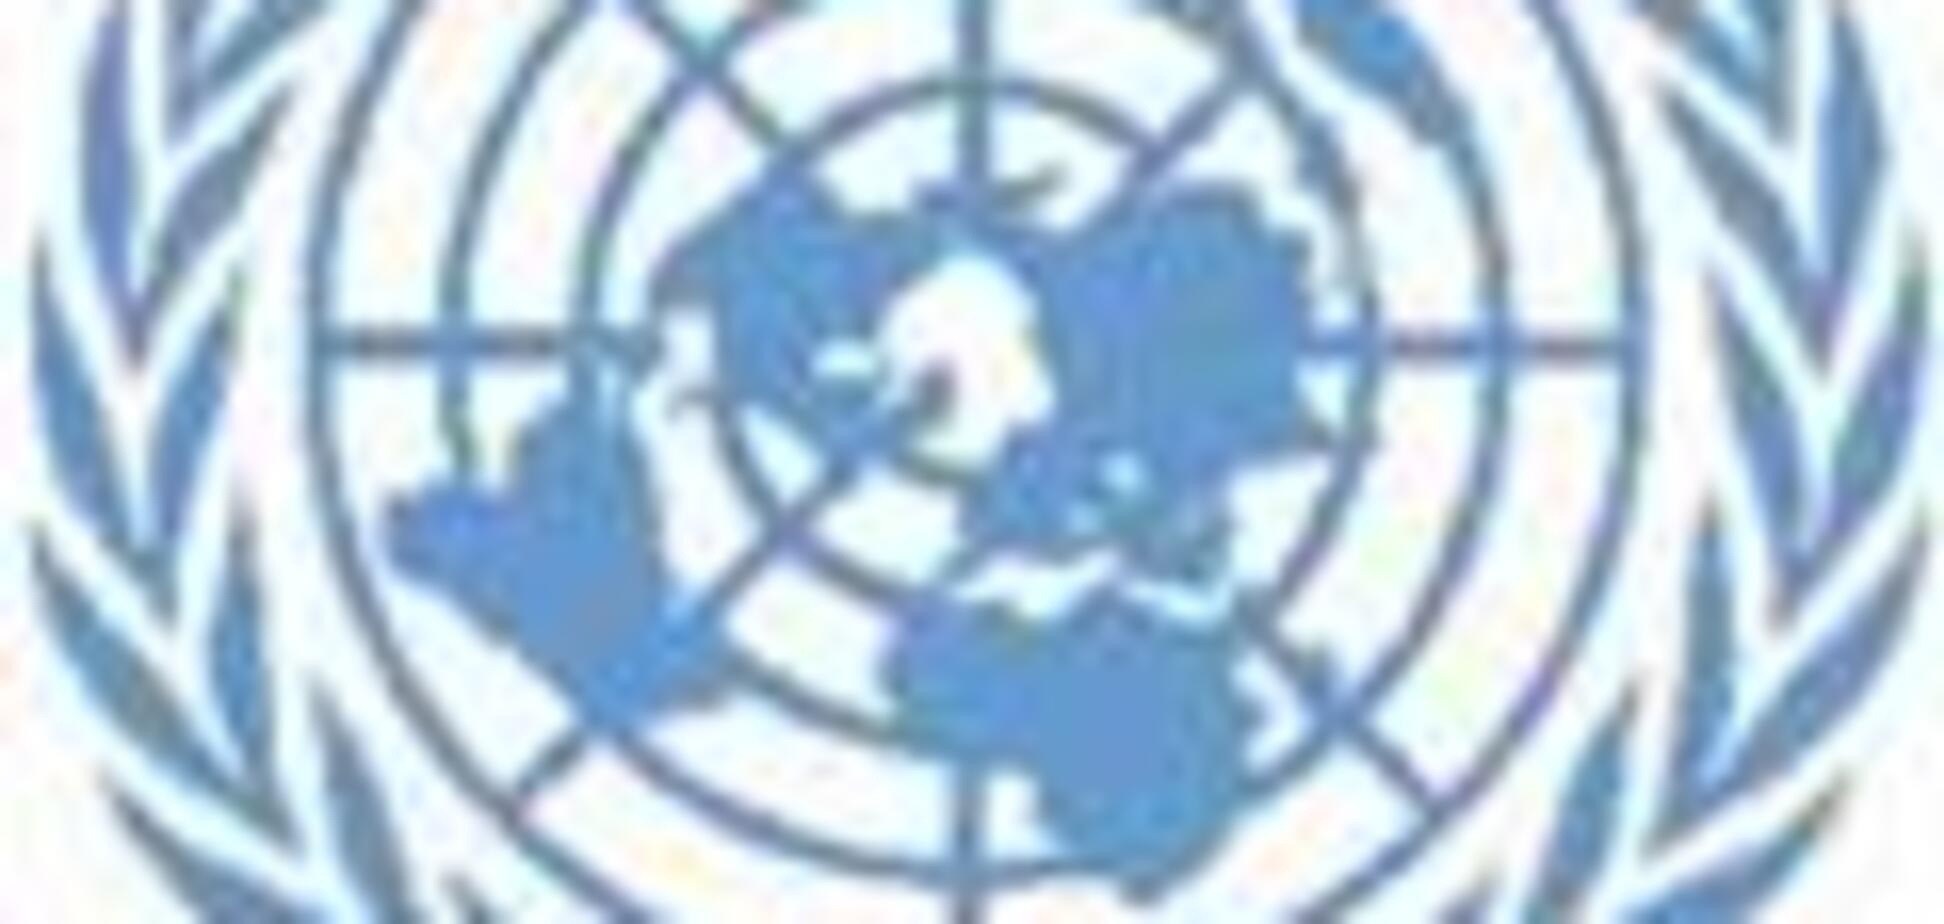 ООН очікує скорочення світової економіки на 1%